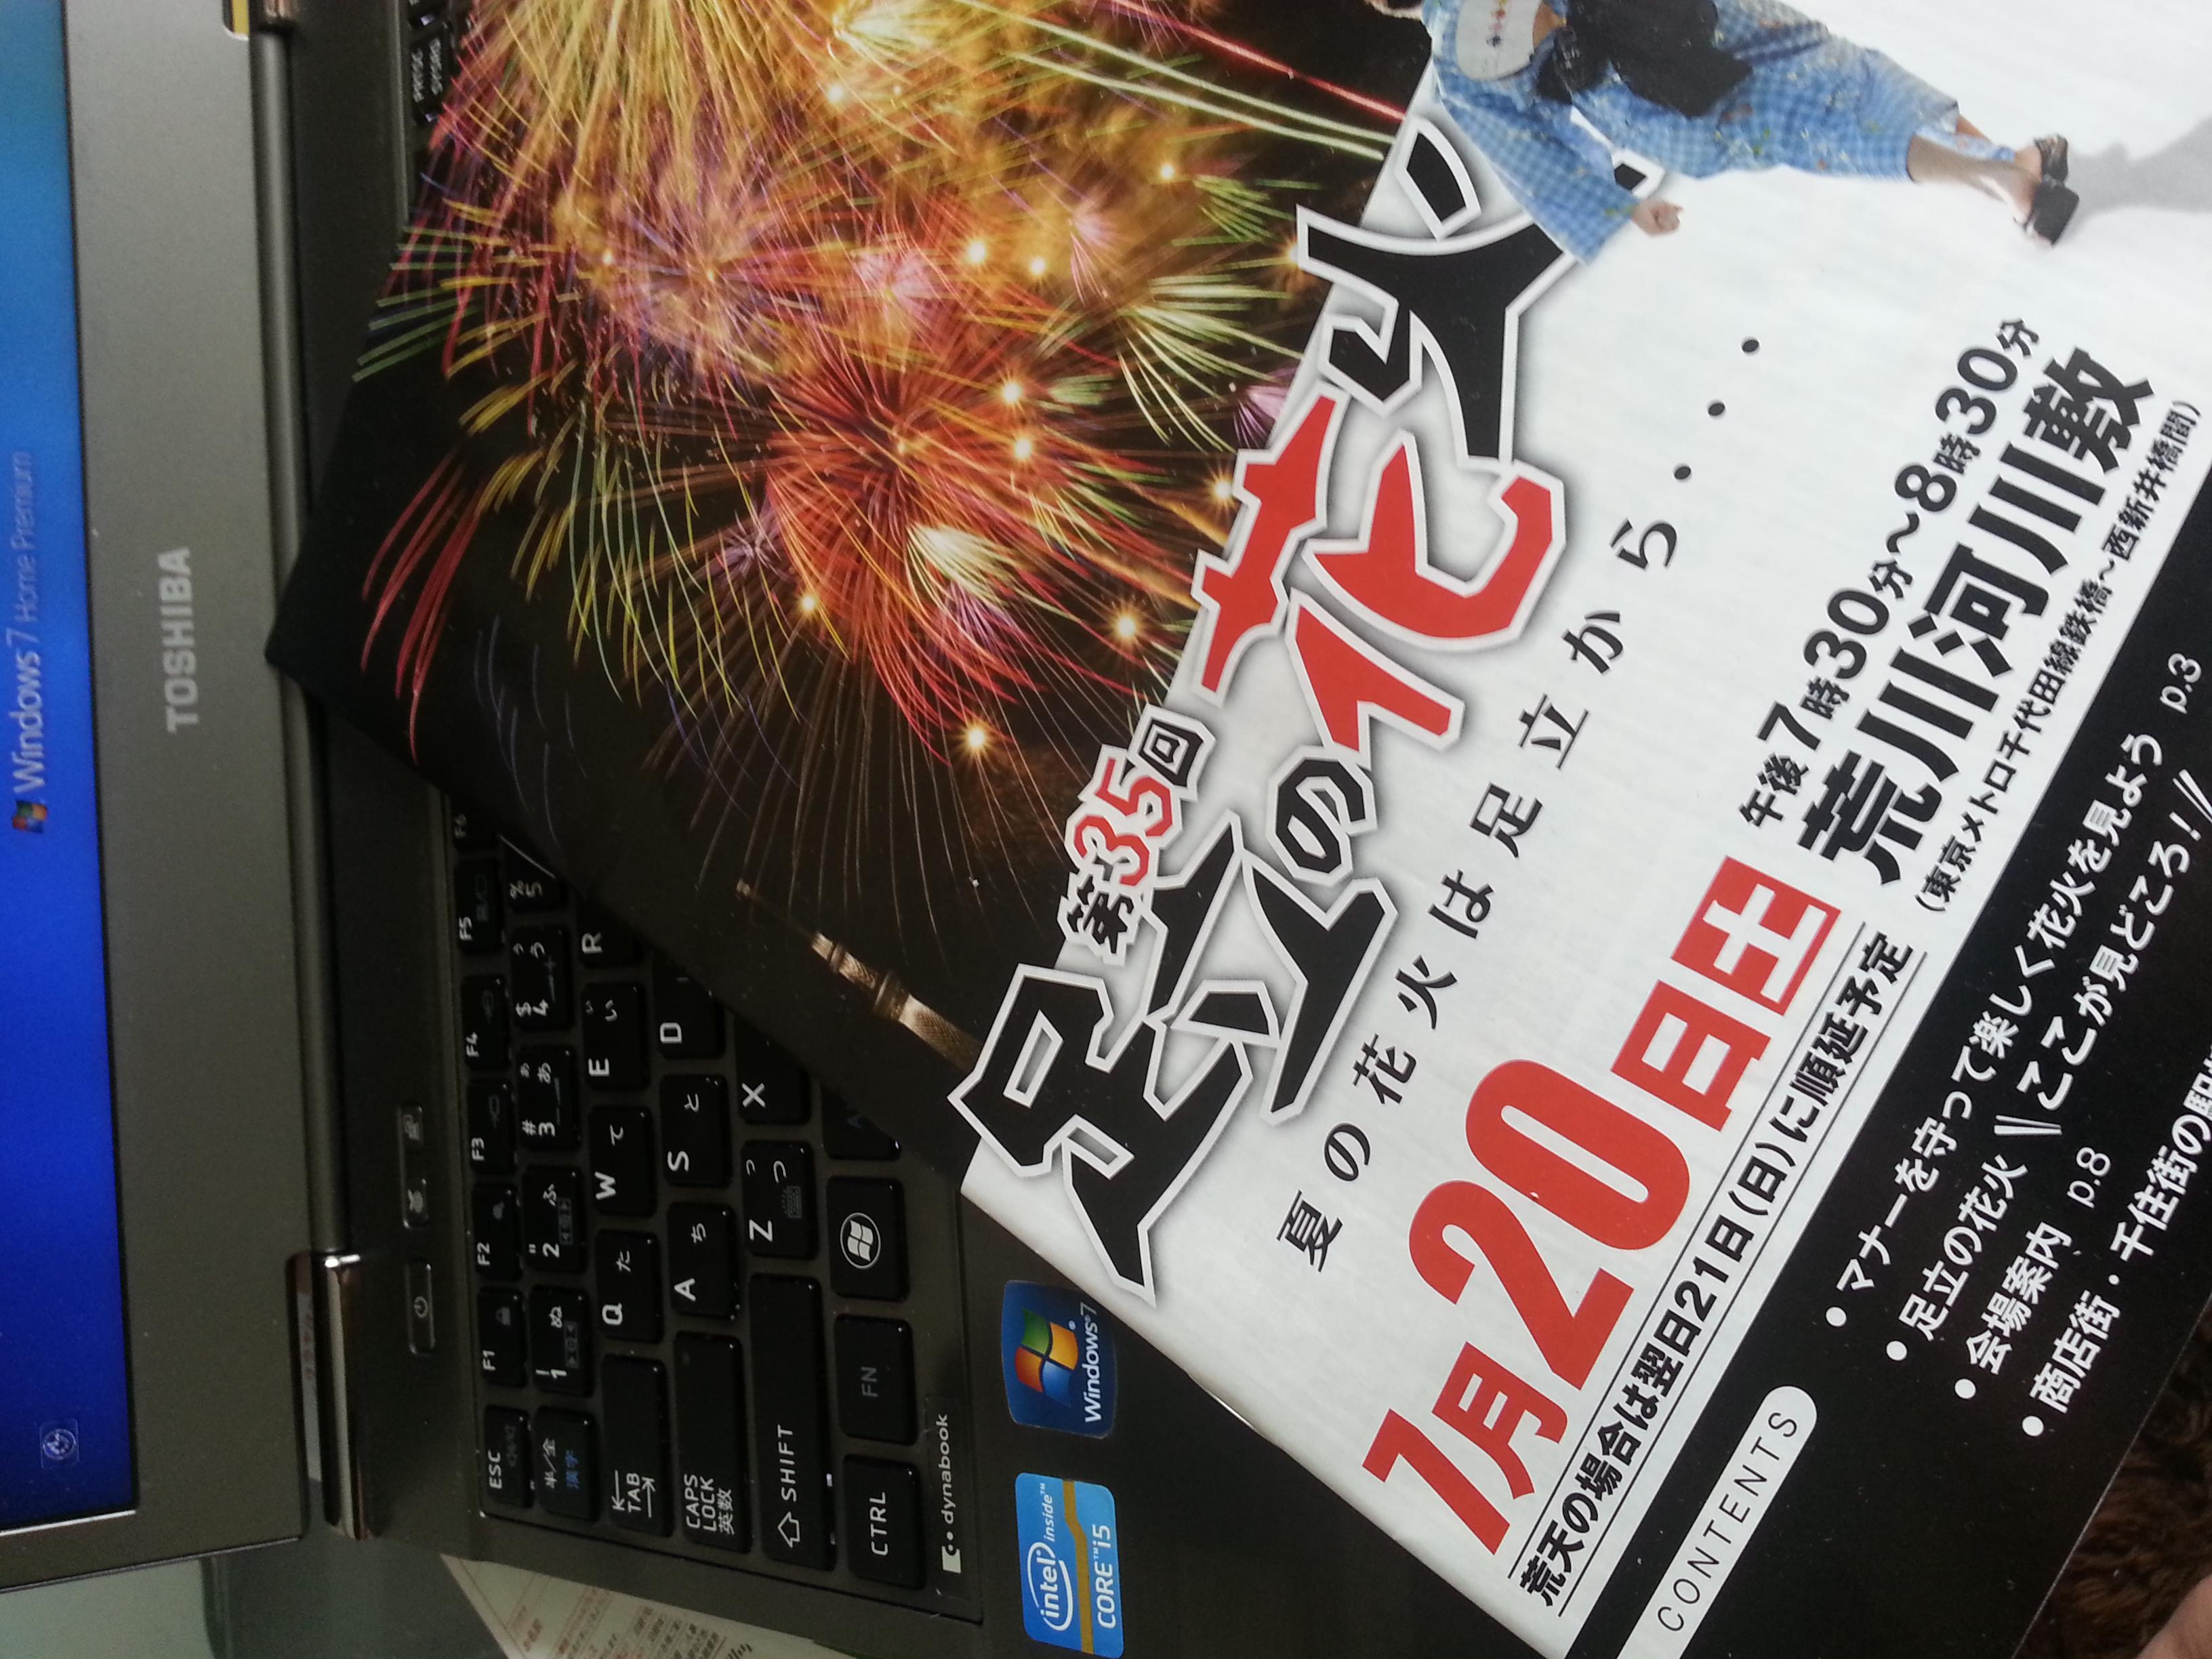 夏だ!花火だ!ビールだ!足立の花火開催!!2013年7月20日!!6つの見所!!